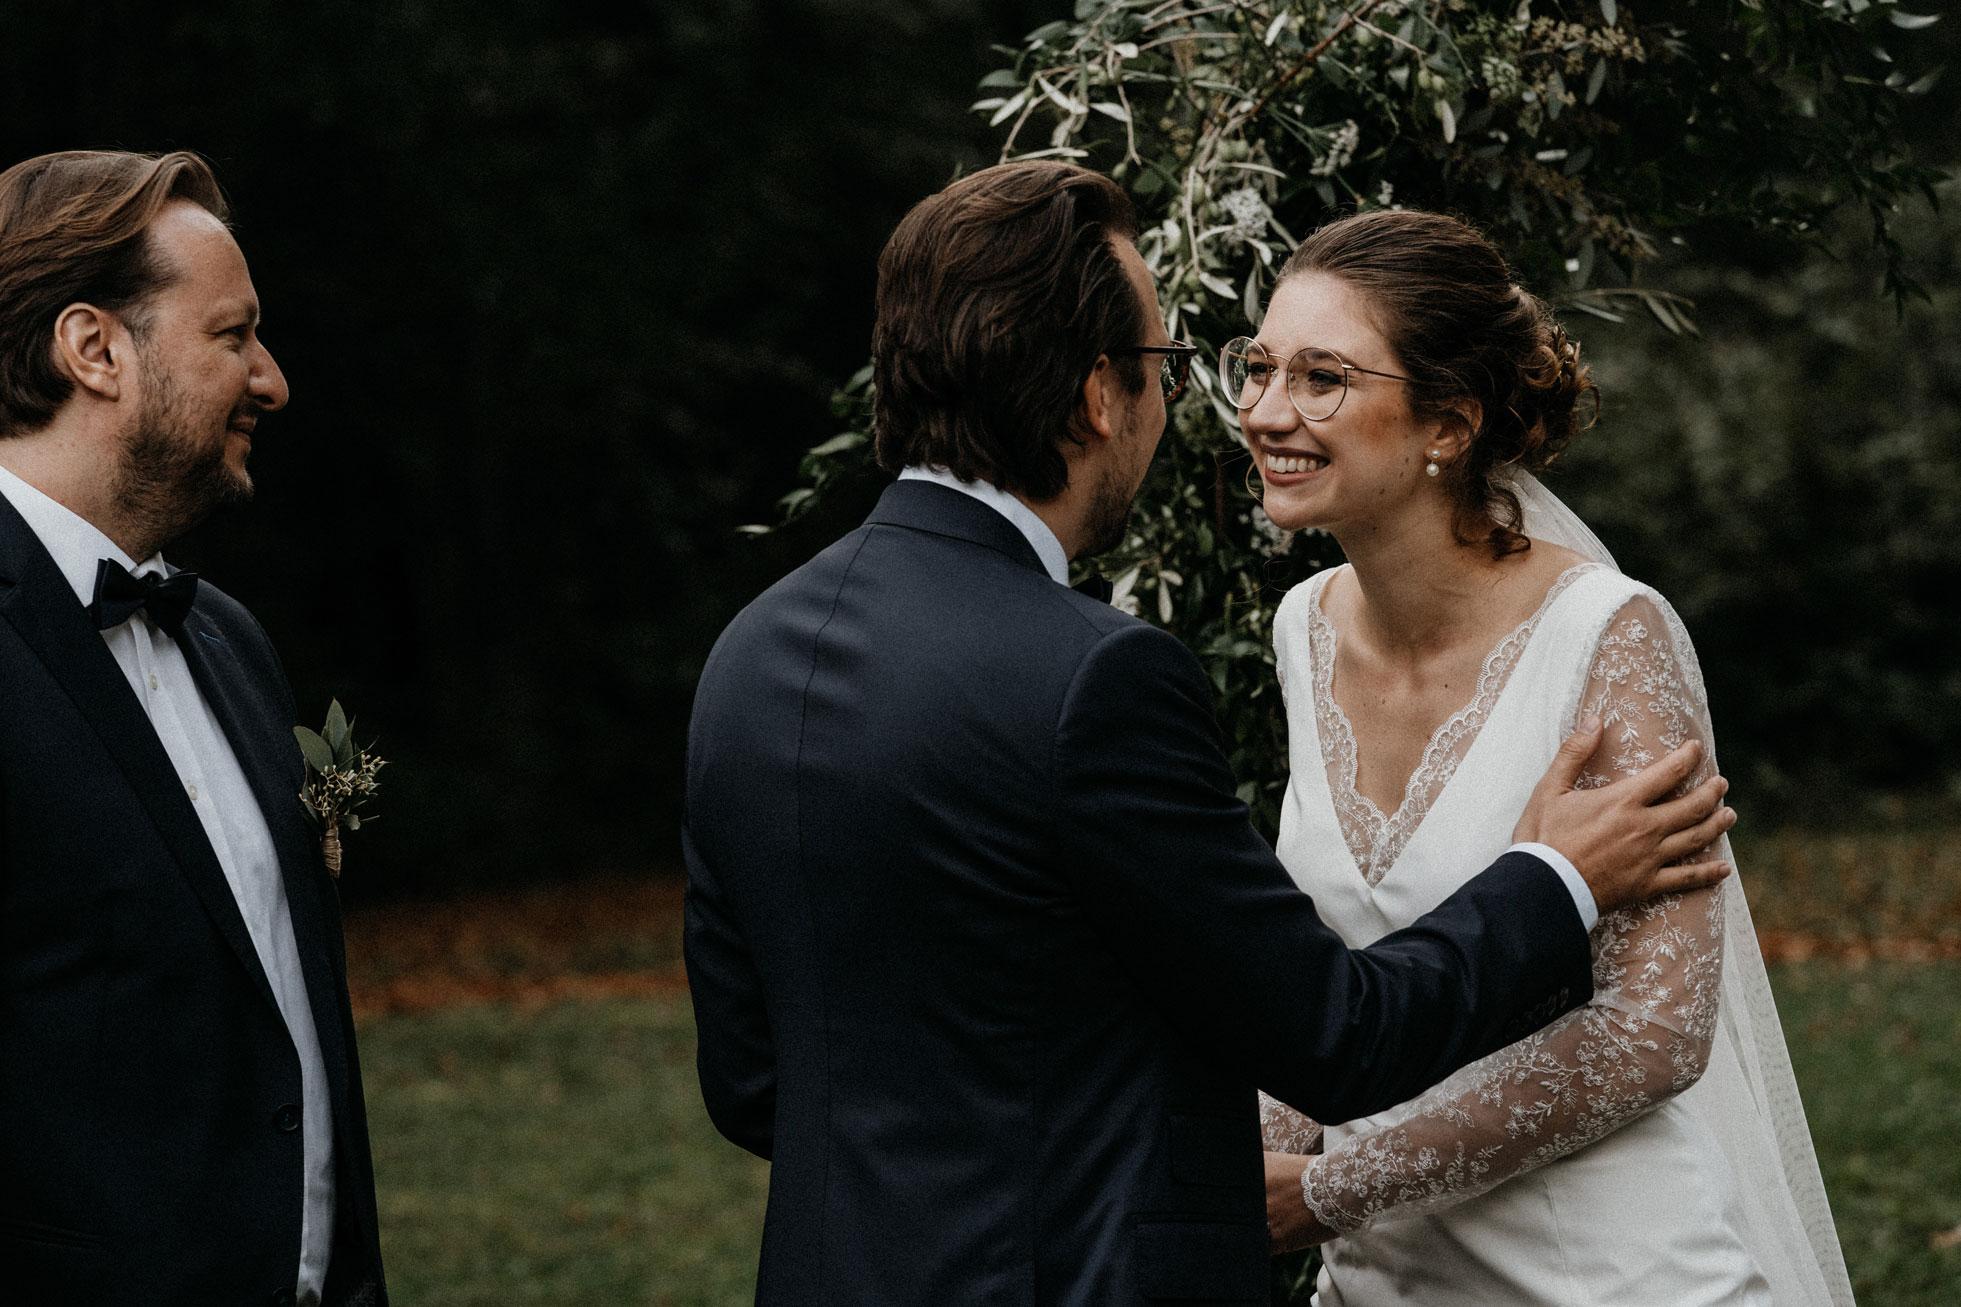 Hochzeit_Claire_Manuel_Villa_Maund_Daniel_Jenny-197.jpg